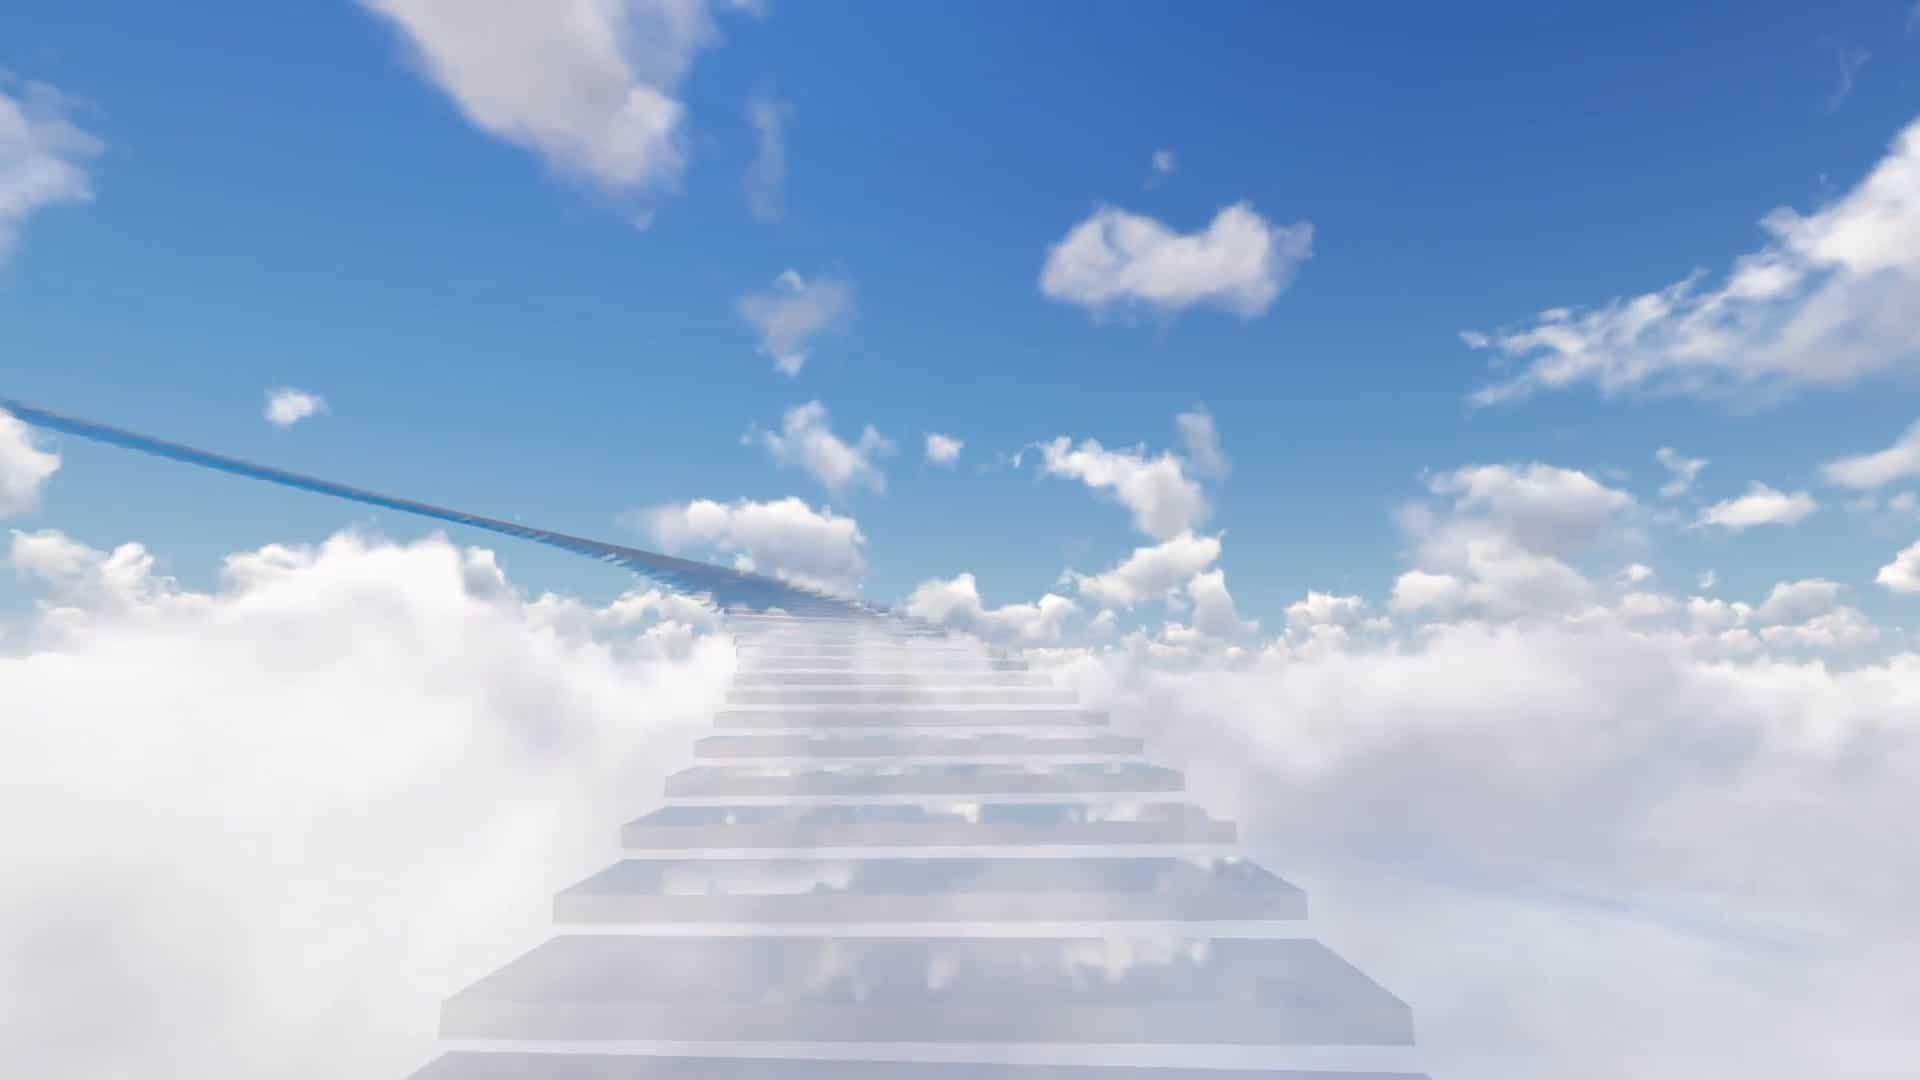 парня лестница в небо картинка для рабочего стола монолитного кухонного гарнитура